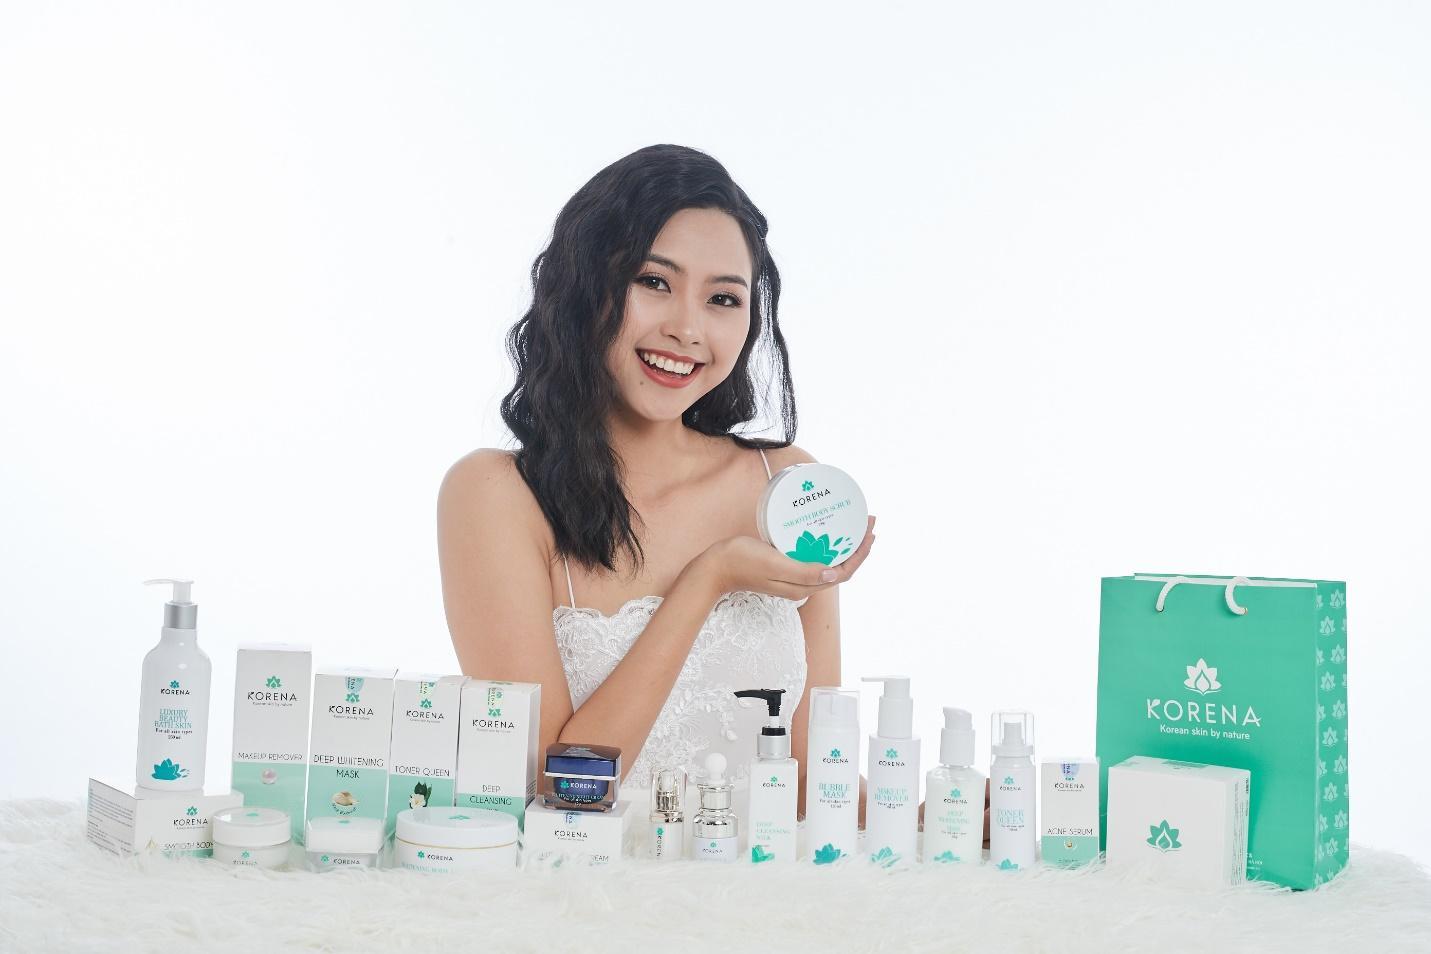 Thương hiệu mỹ phẩm Korena dưới con mắt của công luận và người tiêu dùng - Ảnh 2